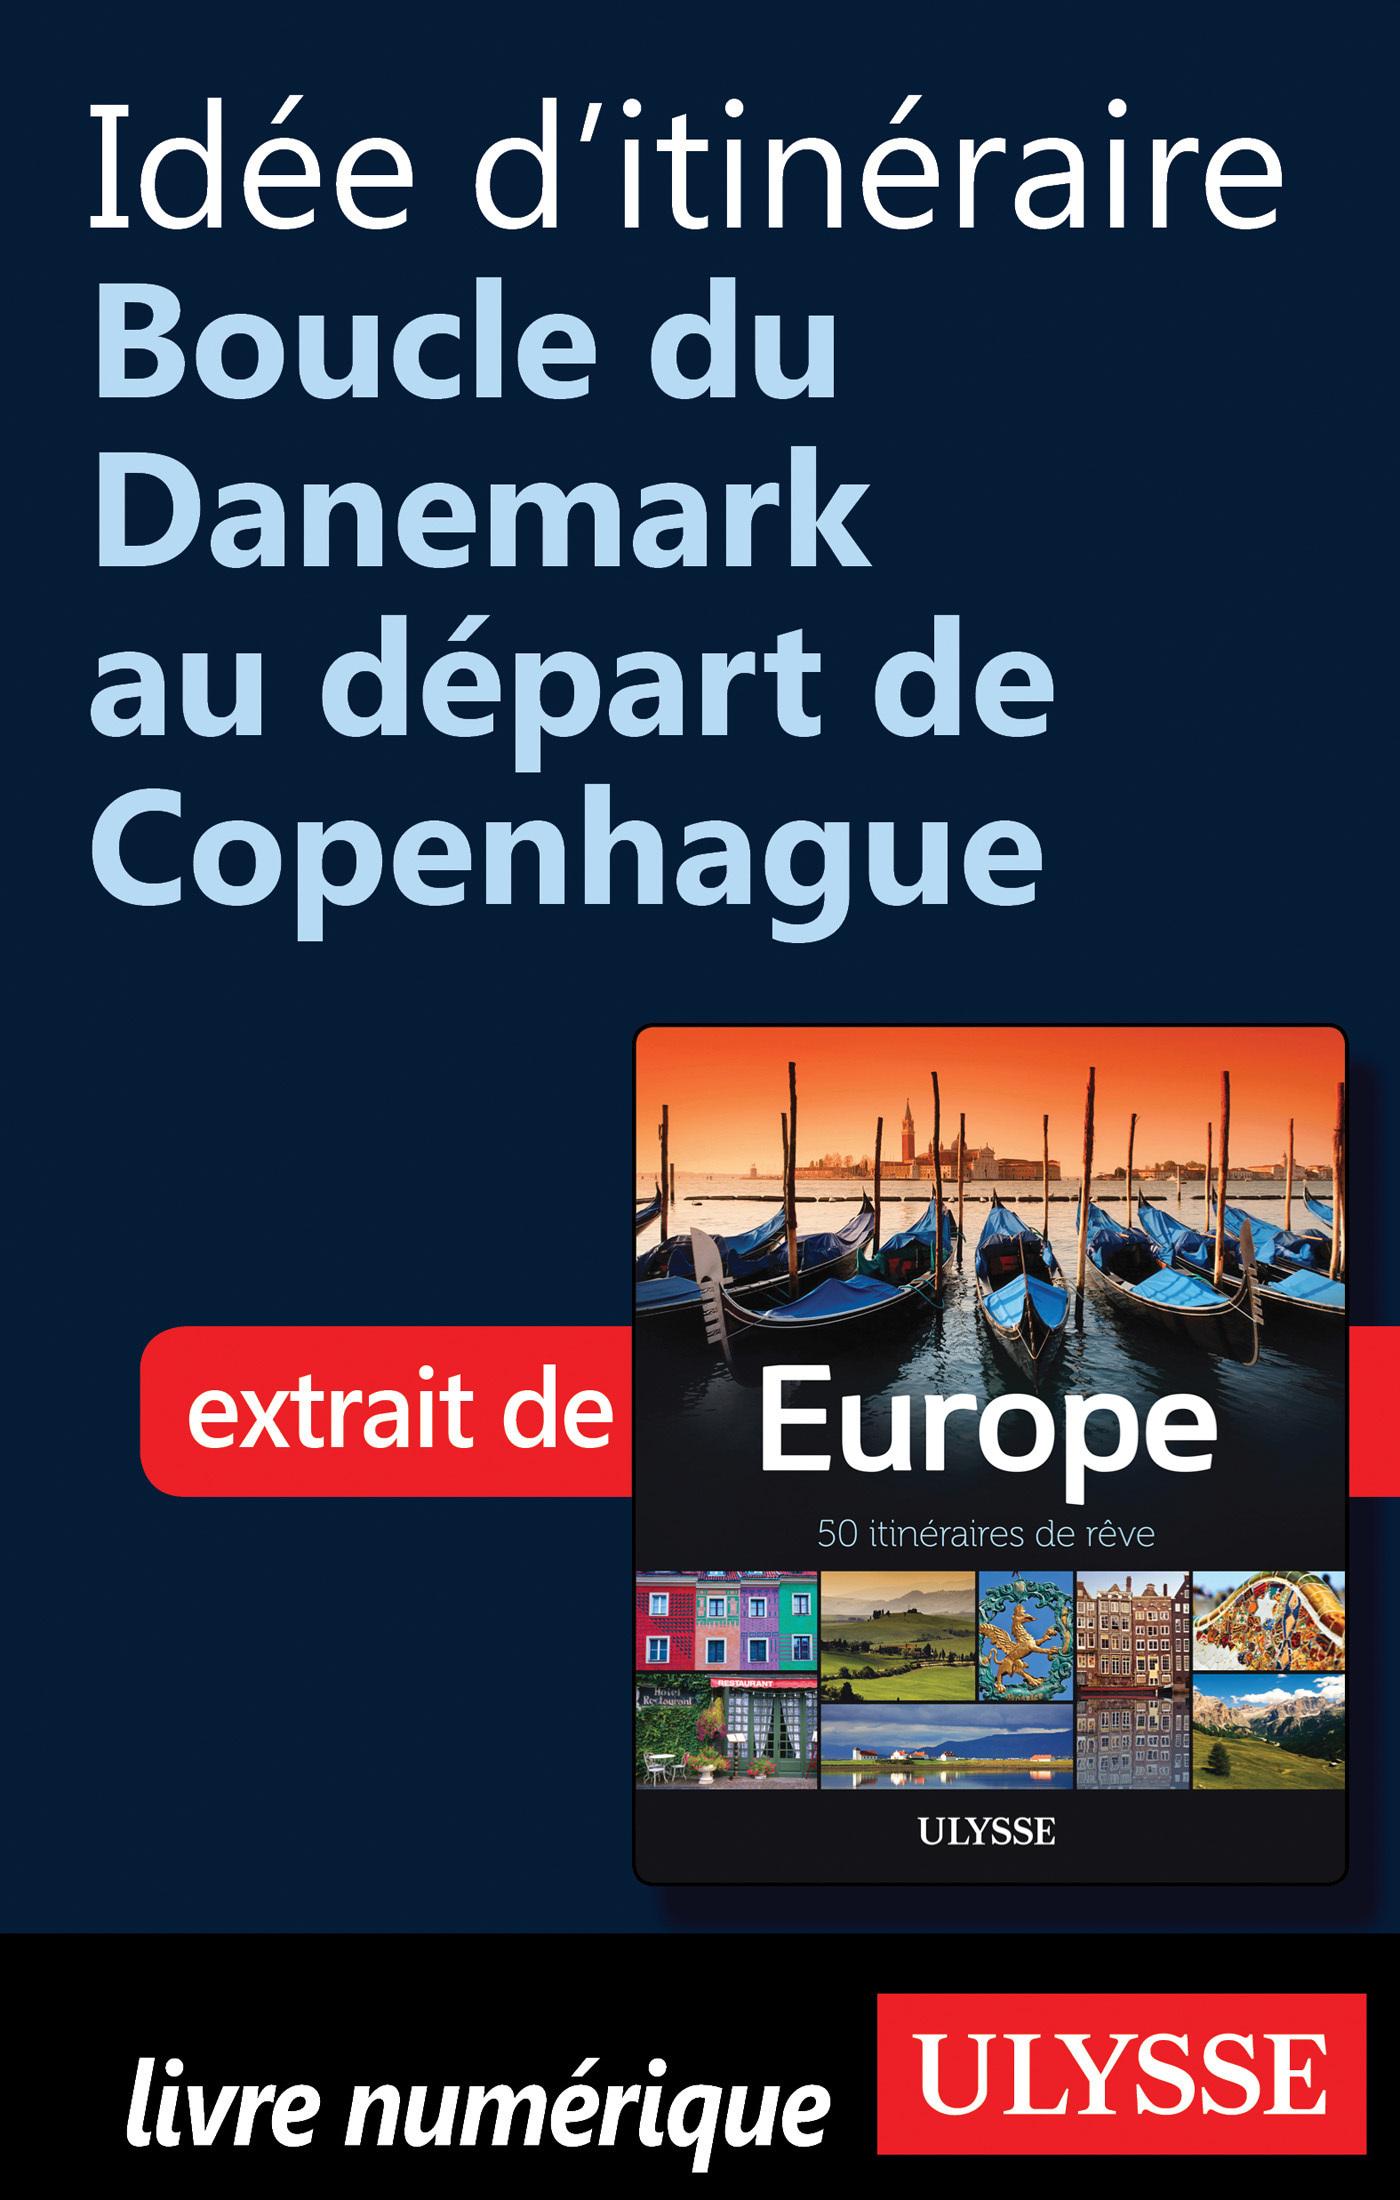 Idée d'itinéraire - Boucle du Danemark au départ de Copenhague